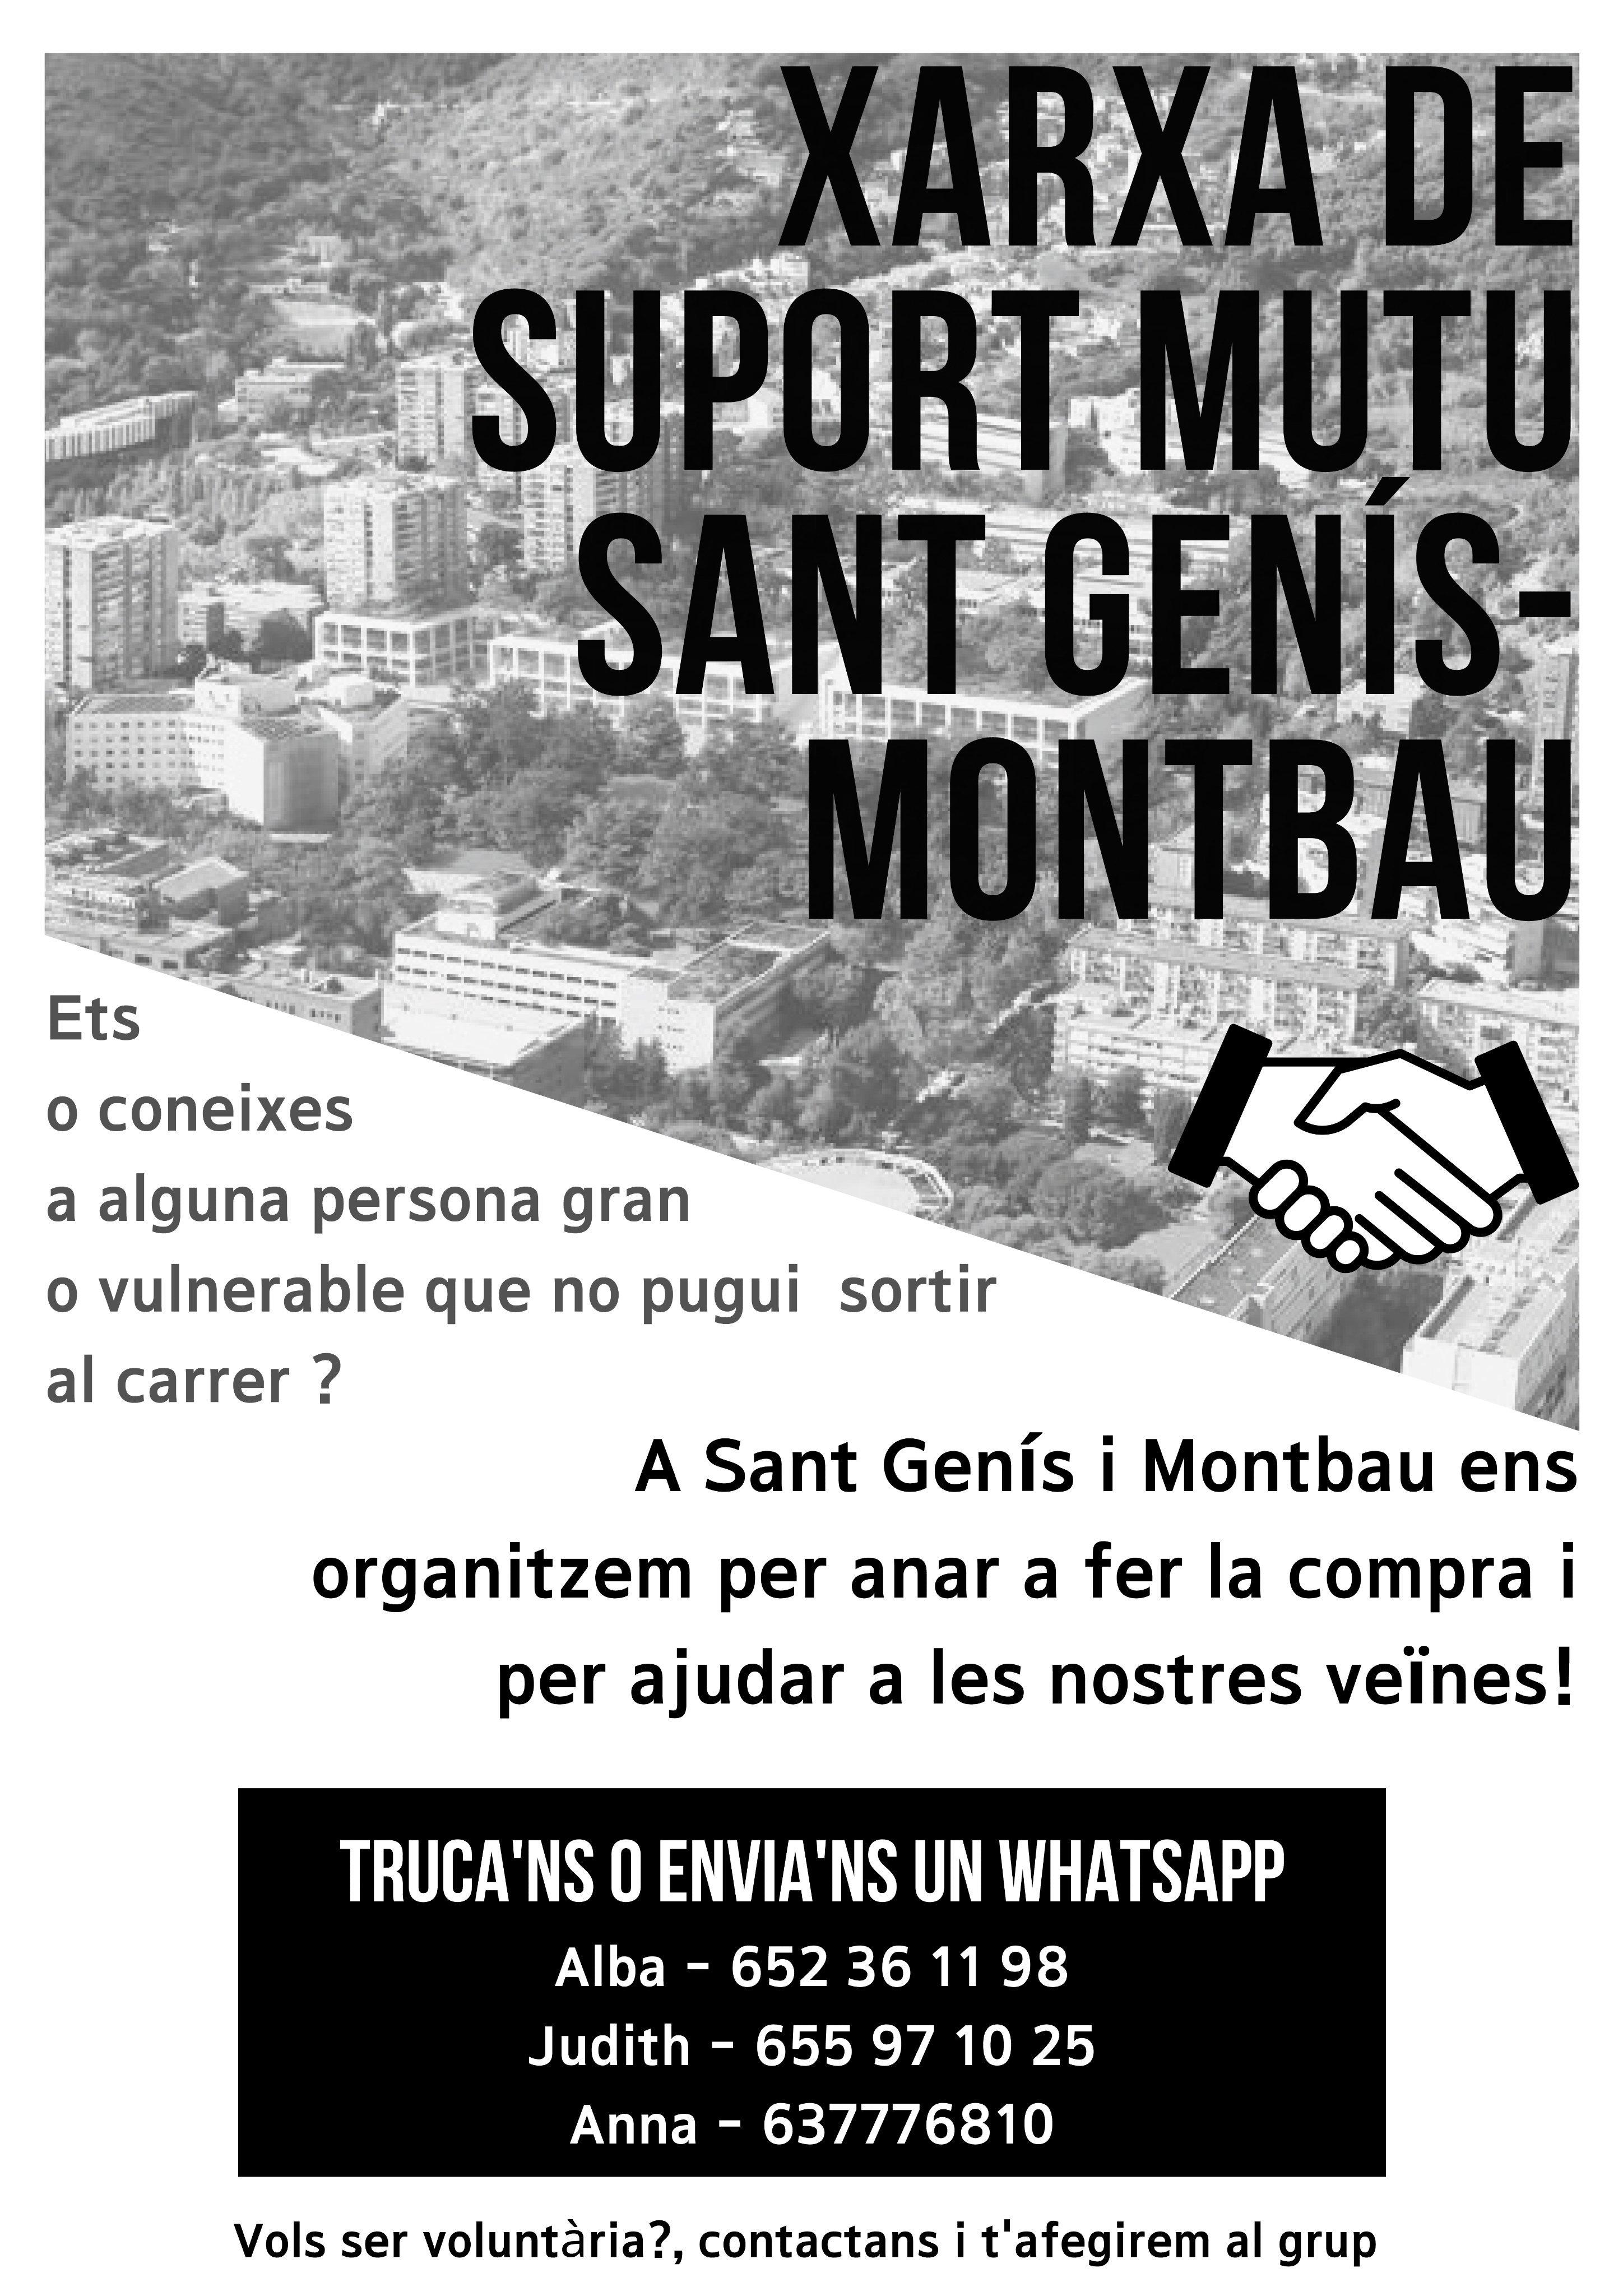 Xarxa de suport mutu de Sant Genís i Montbau